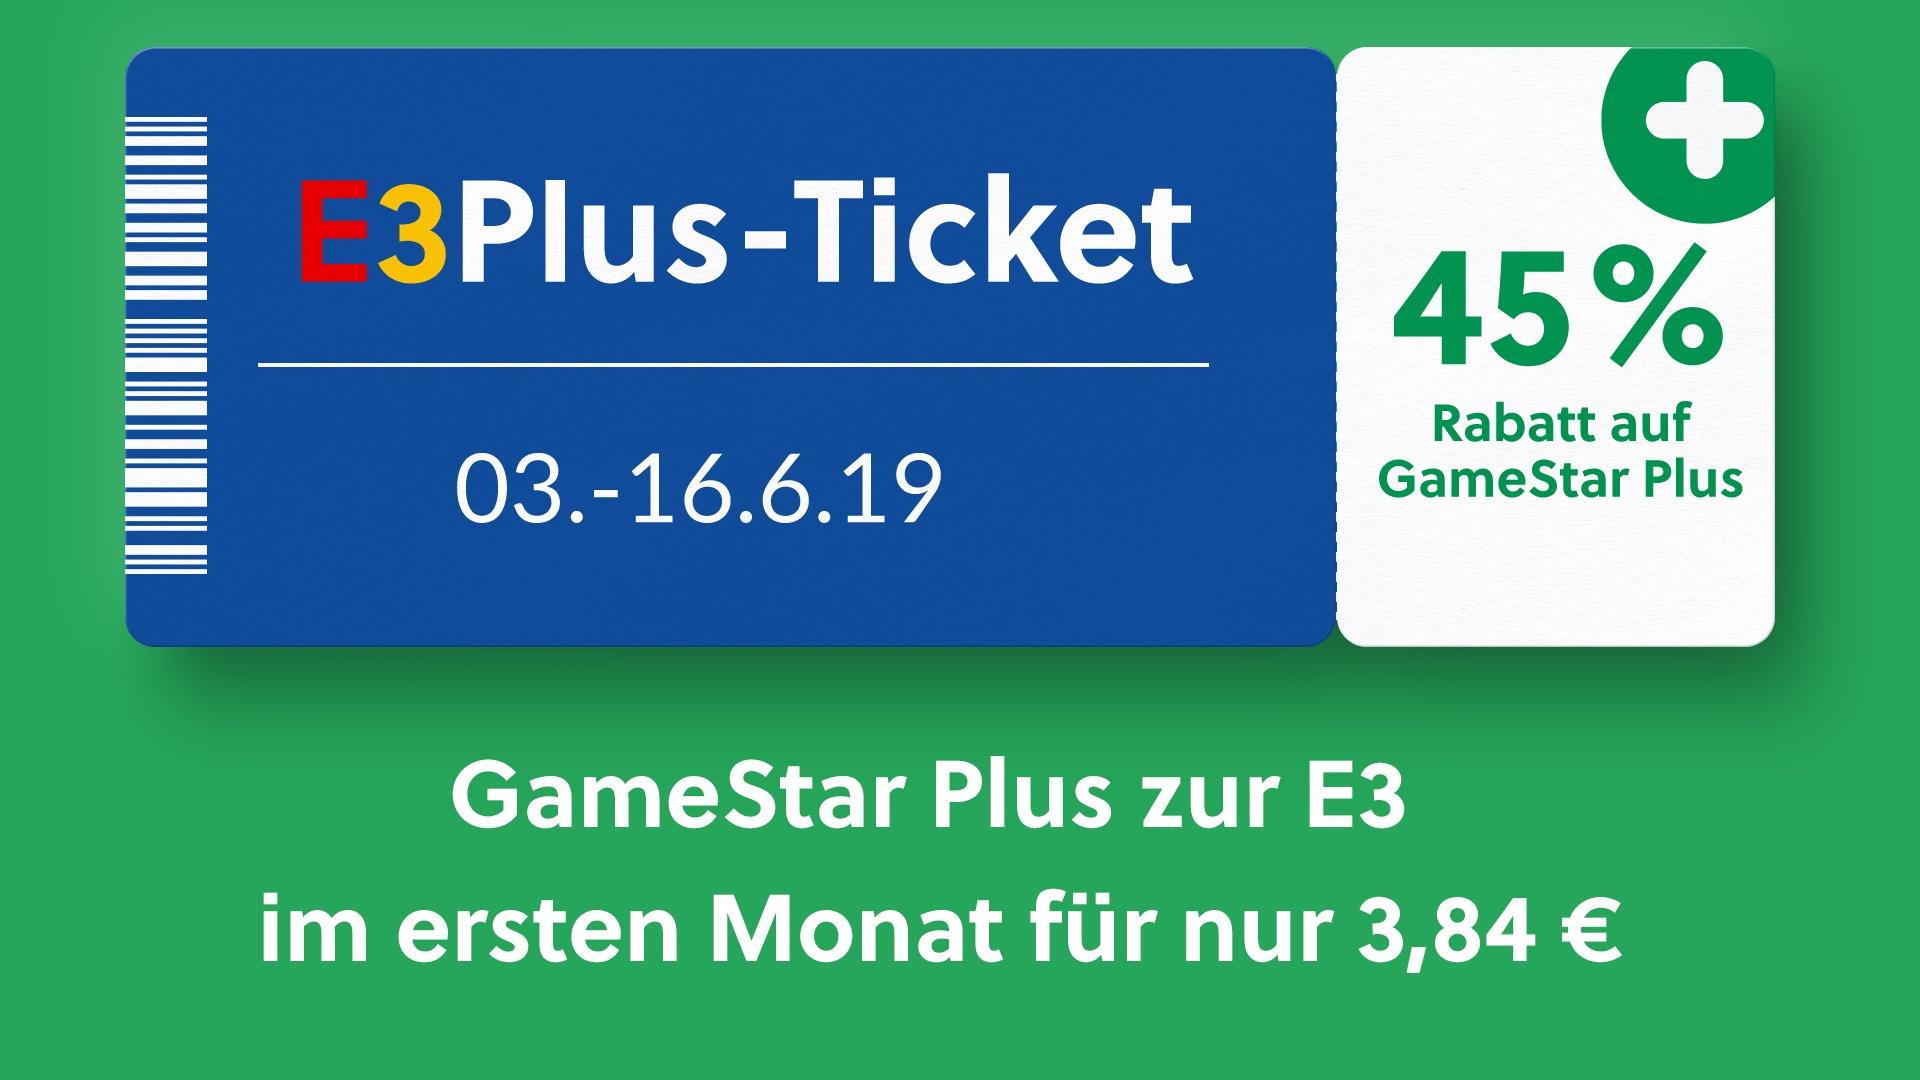 Zur E3 45% Rabatt auf GameStar Plus Monats-Abo